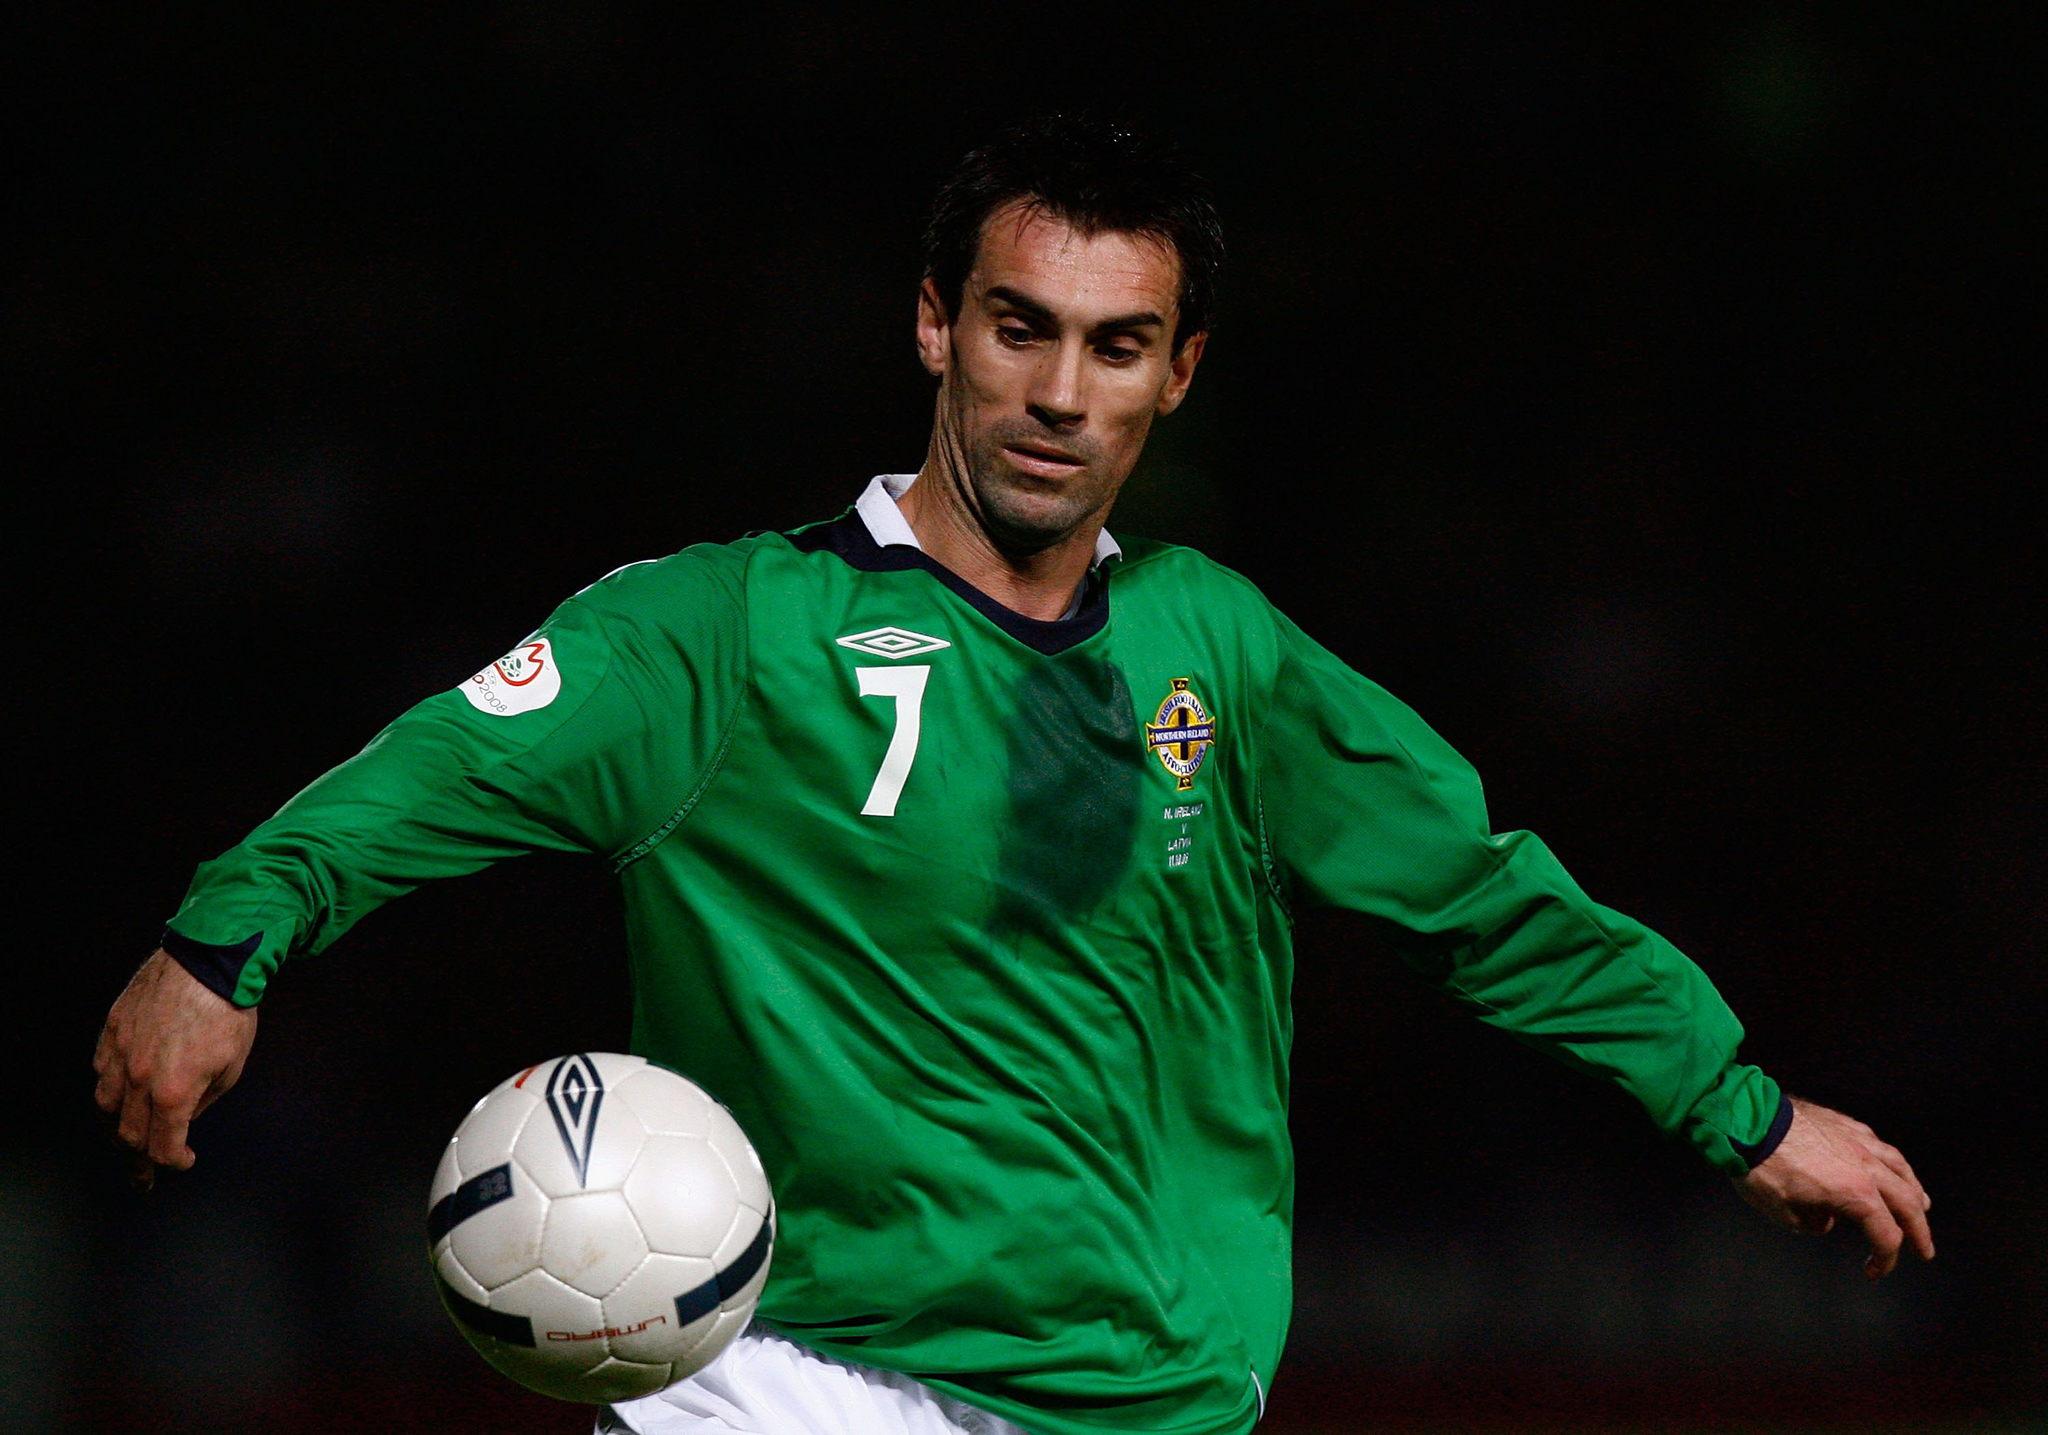 Keith Gillespie jugando con la selección de Irlanda del Norte en 2011